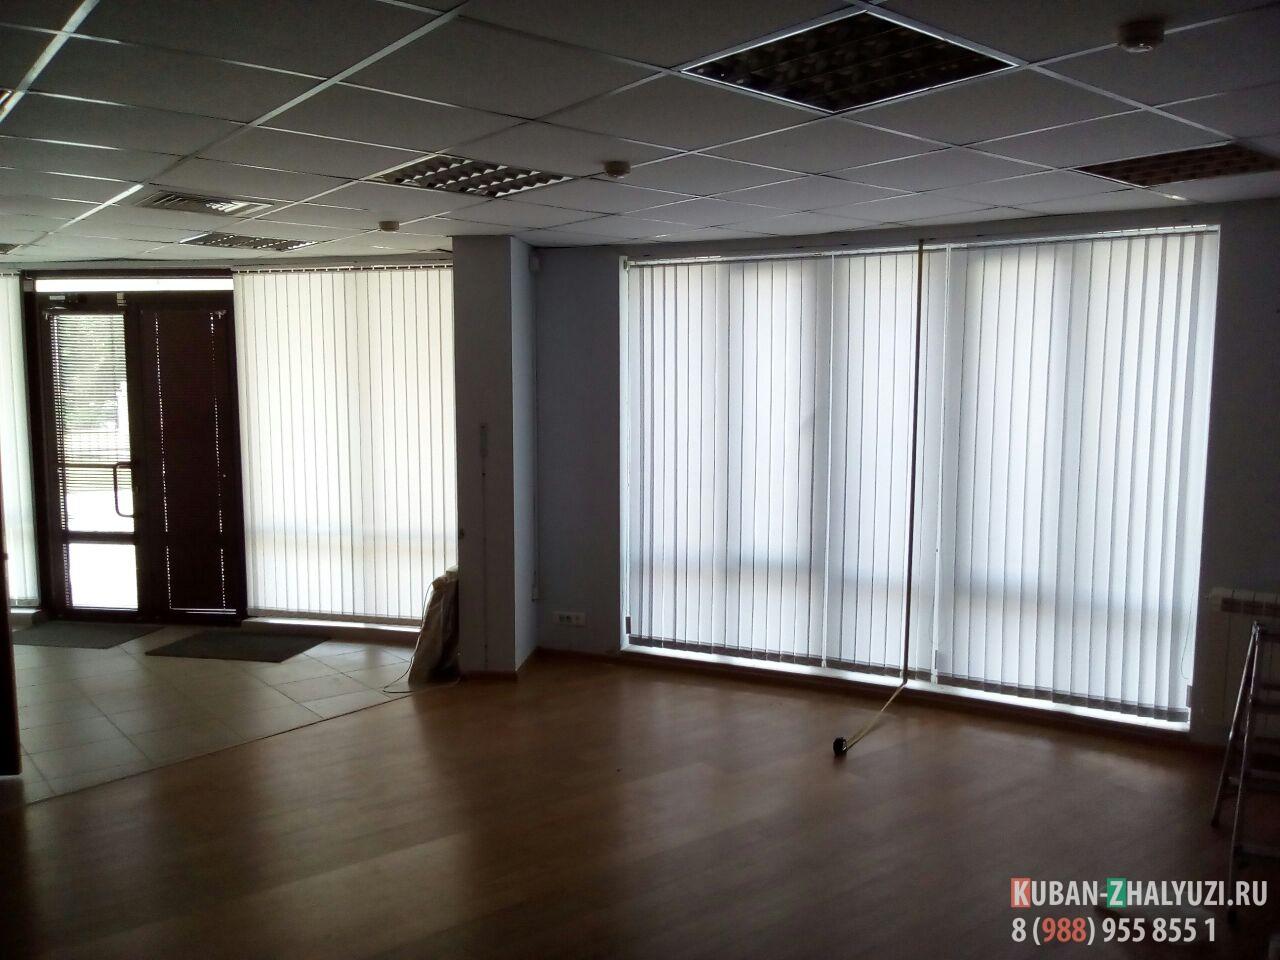 Вертикальные жалюзи в офисе г.Краснодар